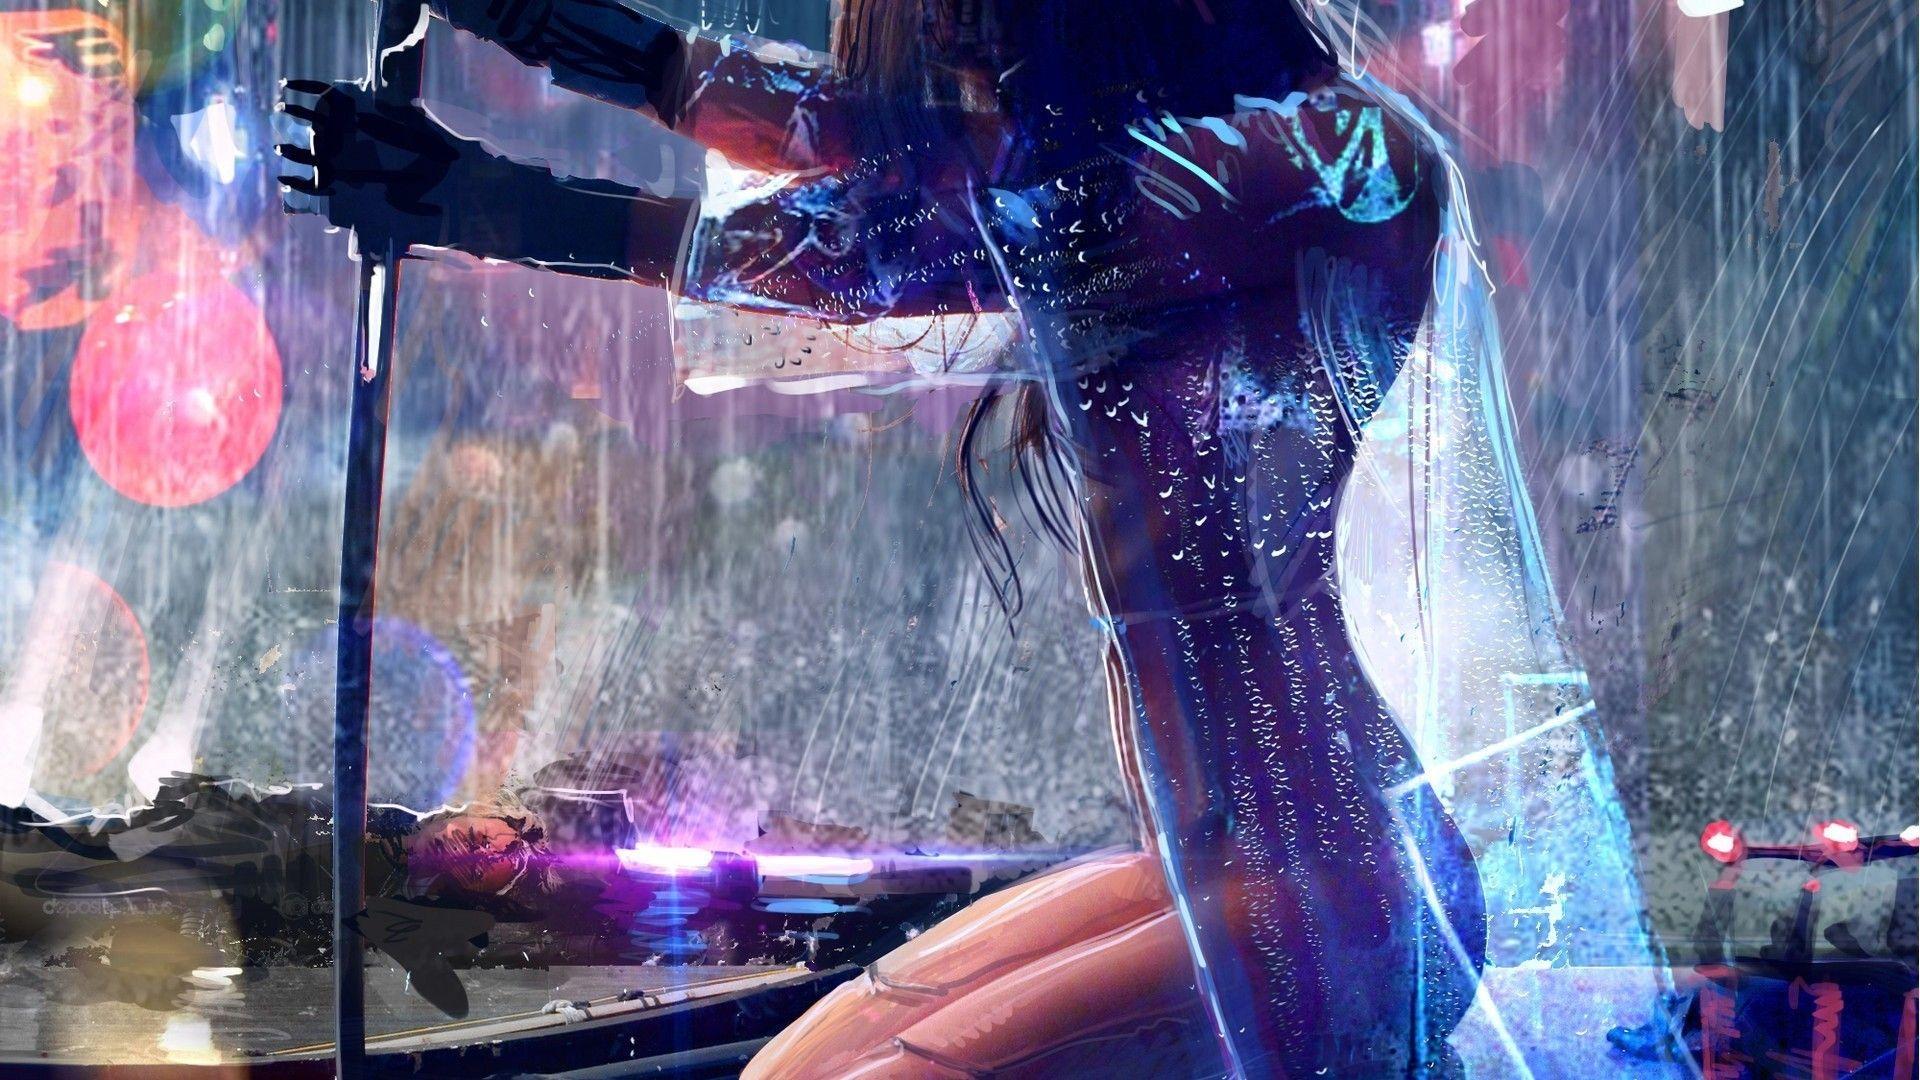 General 1920x1080 artwork rain cyberpunk sword futuristic